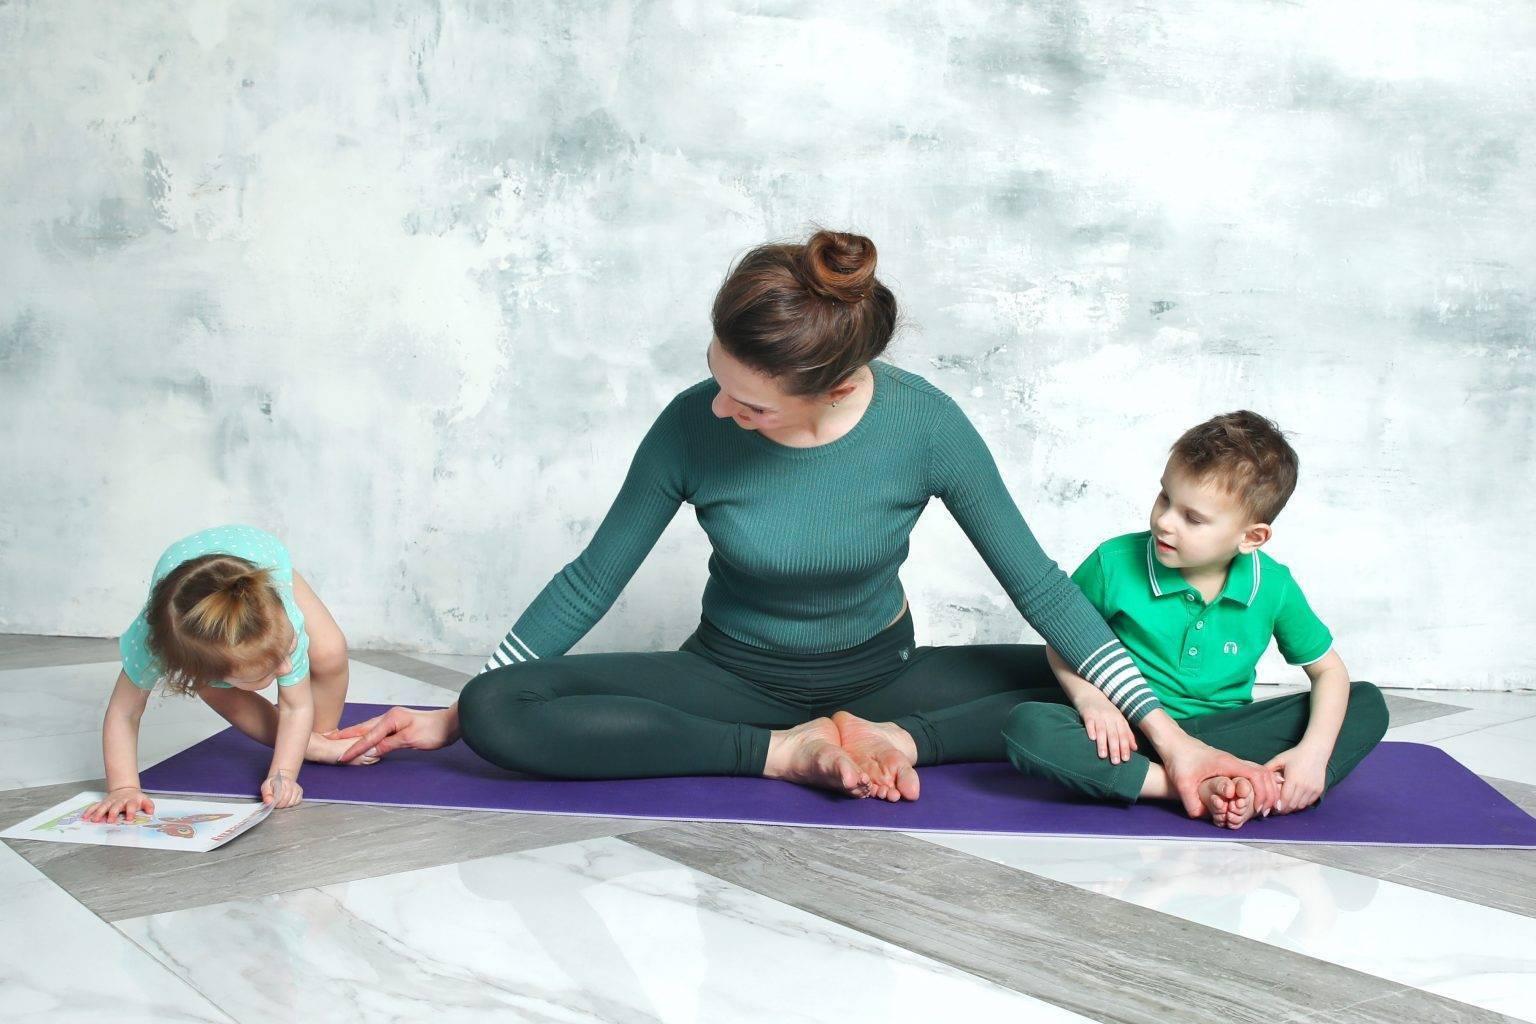 Йога для детей: польза, позы для ребенка, упражнения, противопоказания | активная мама